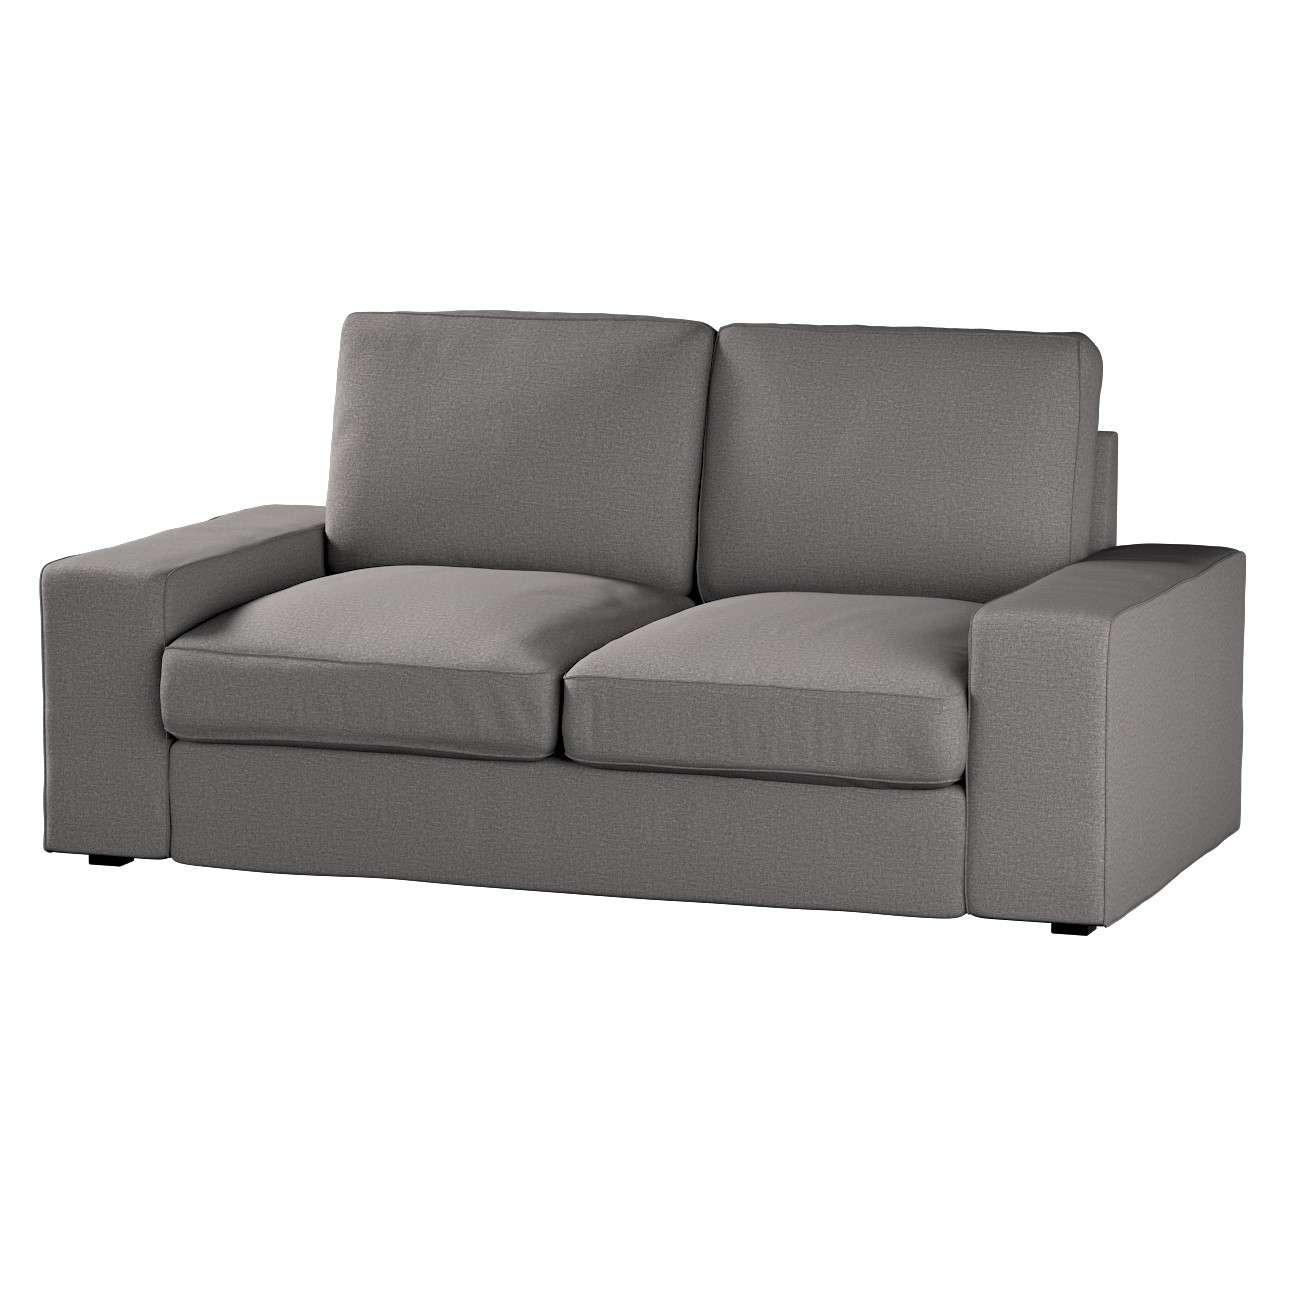 KIVIK dvivietės sofos užvalkalas Kivik 2-seat sofa kolekcijoje Edinburgh , audinys: 115-77